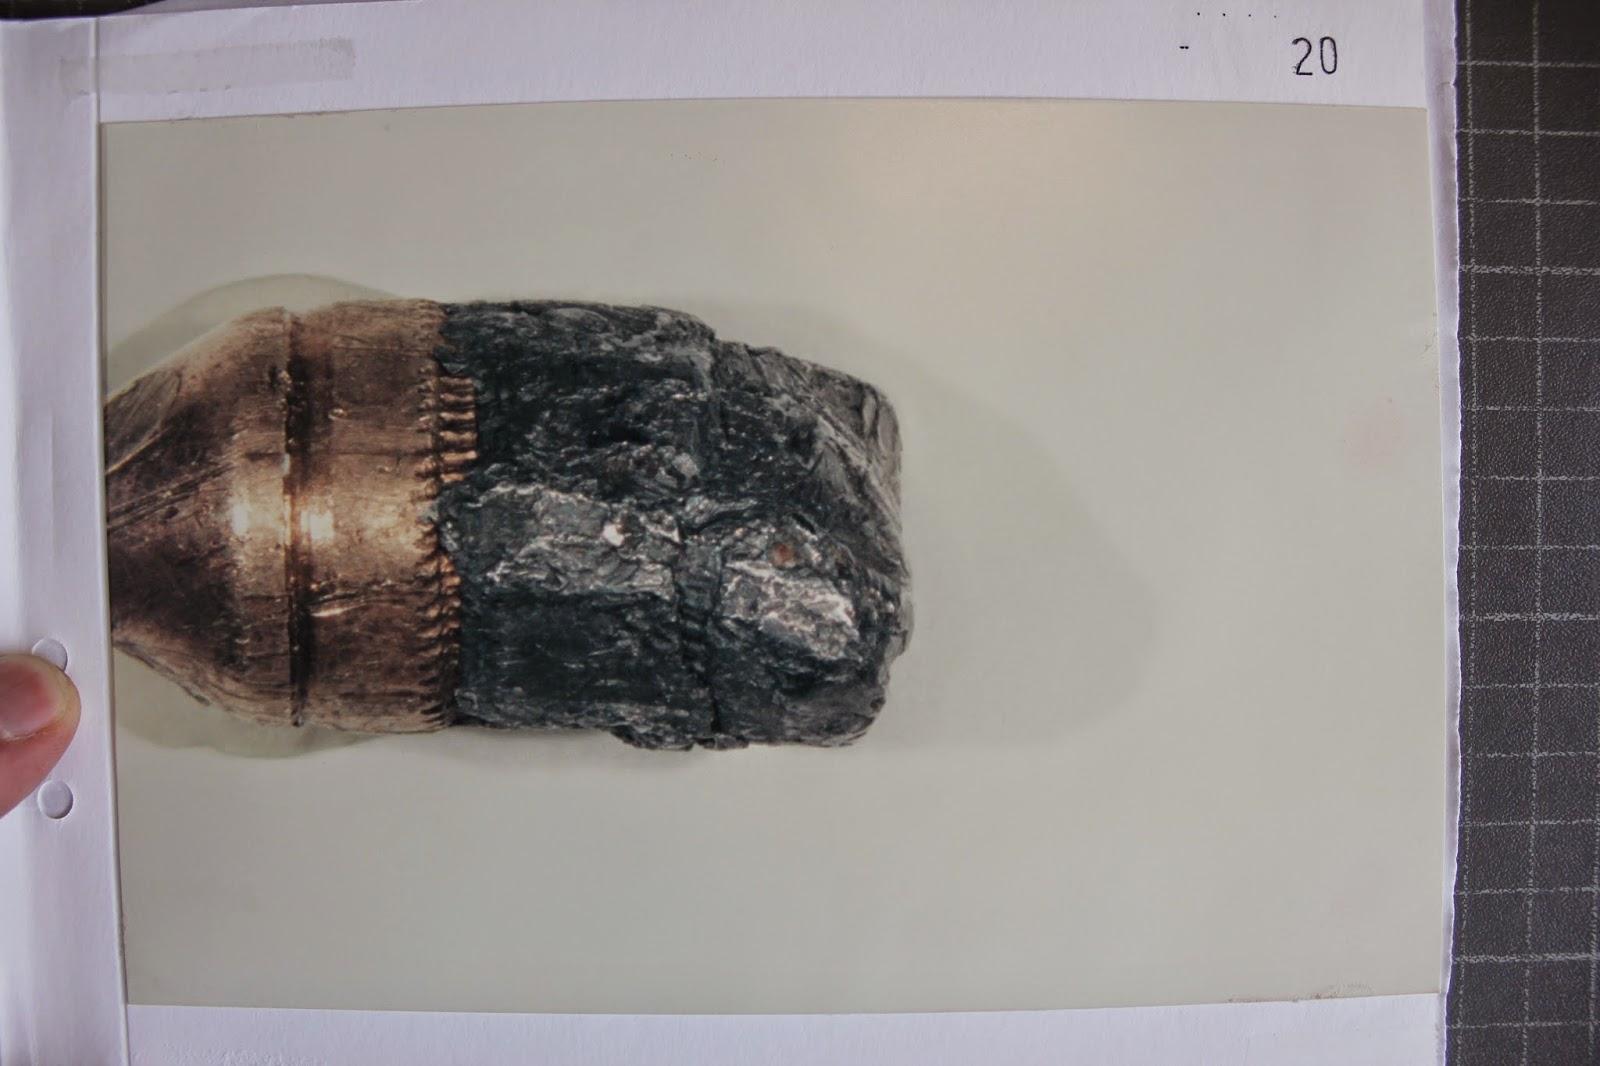 Del 1: Kulan som dödade Olof Palme 4